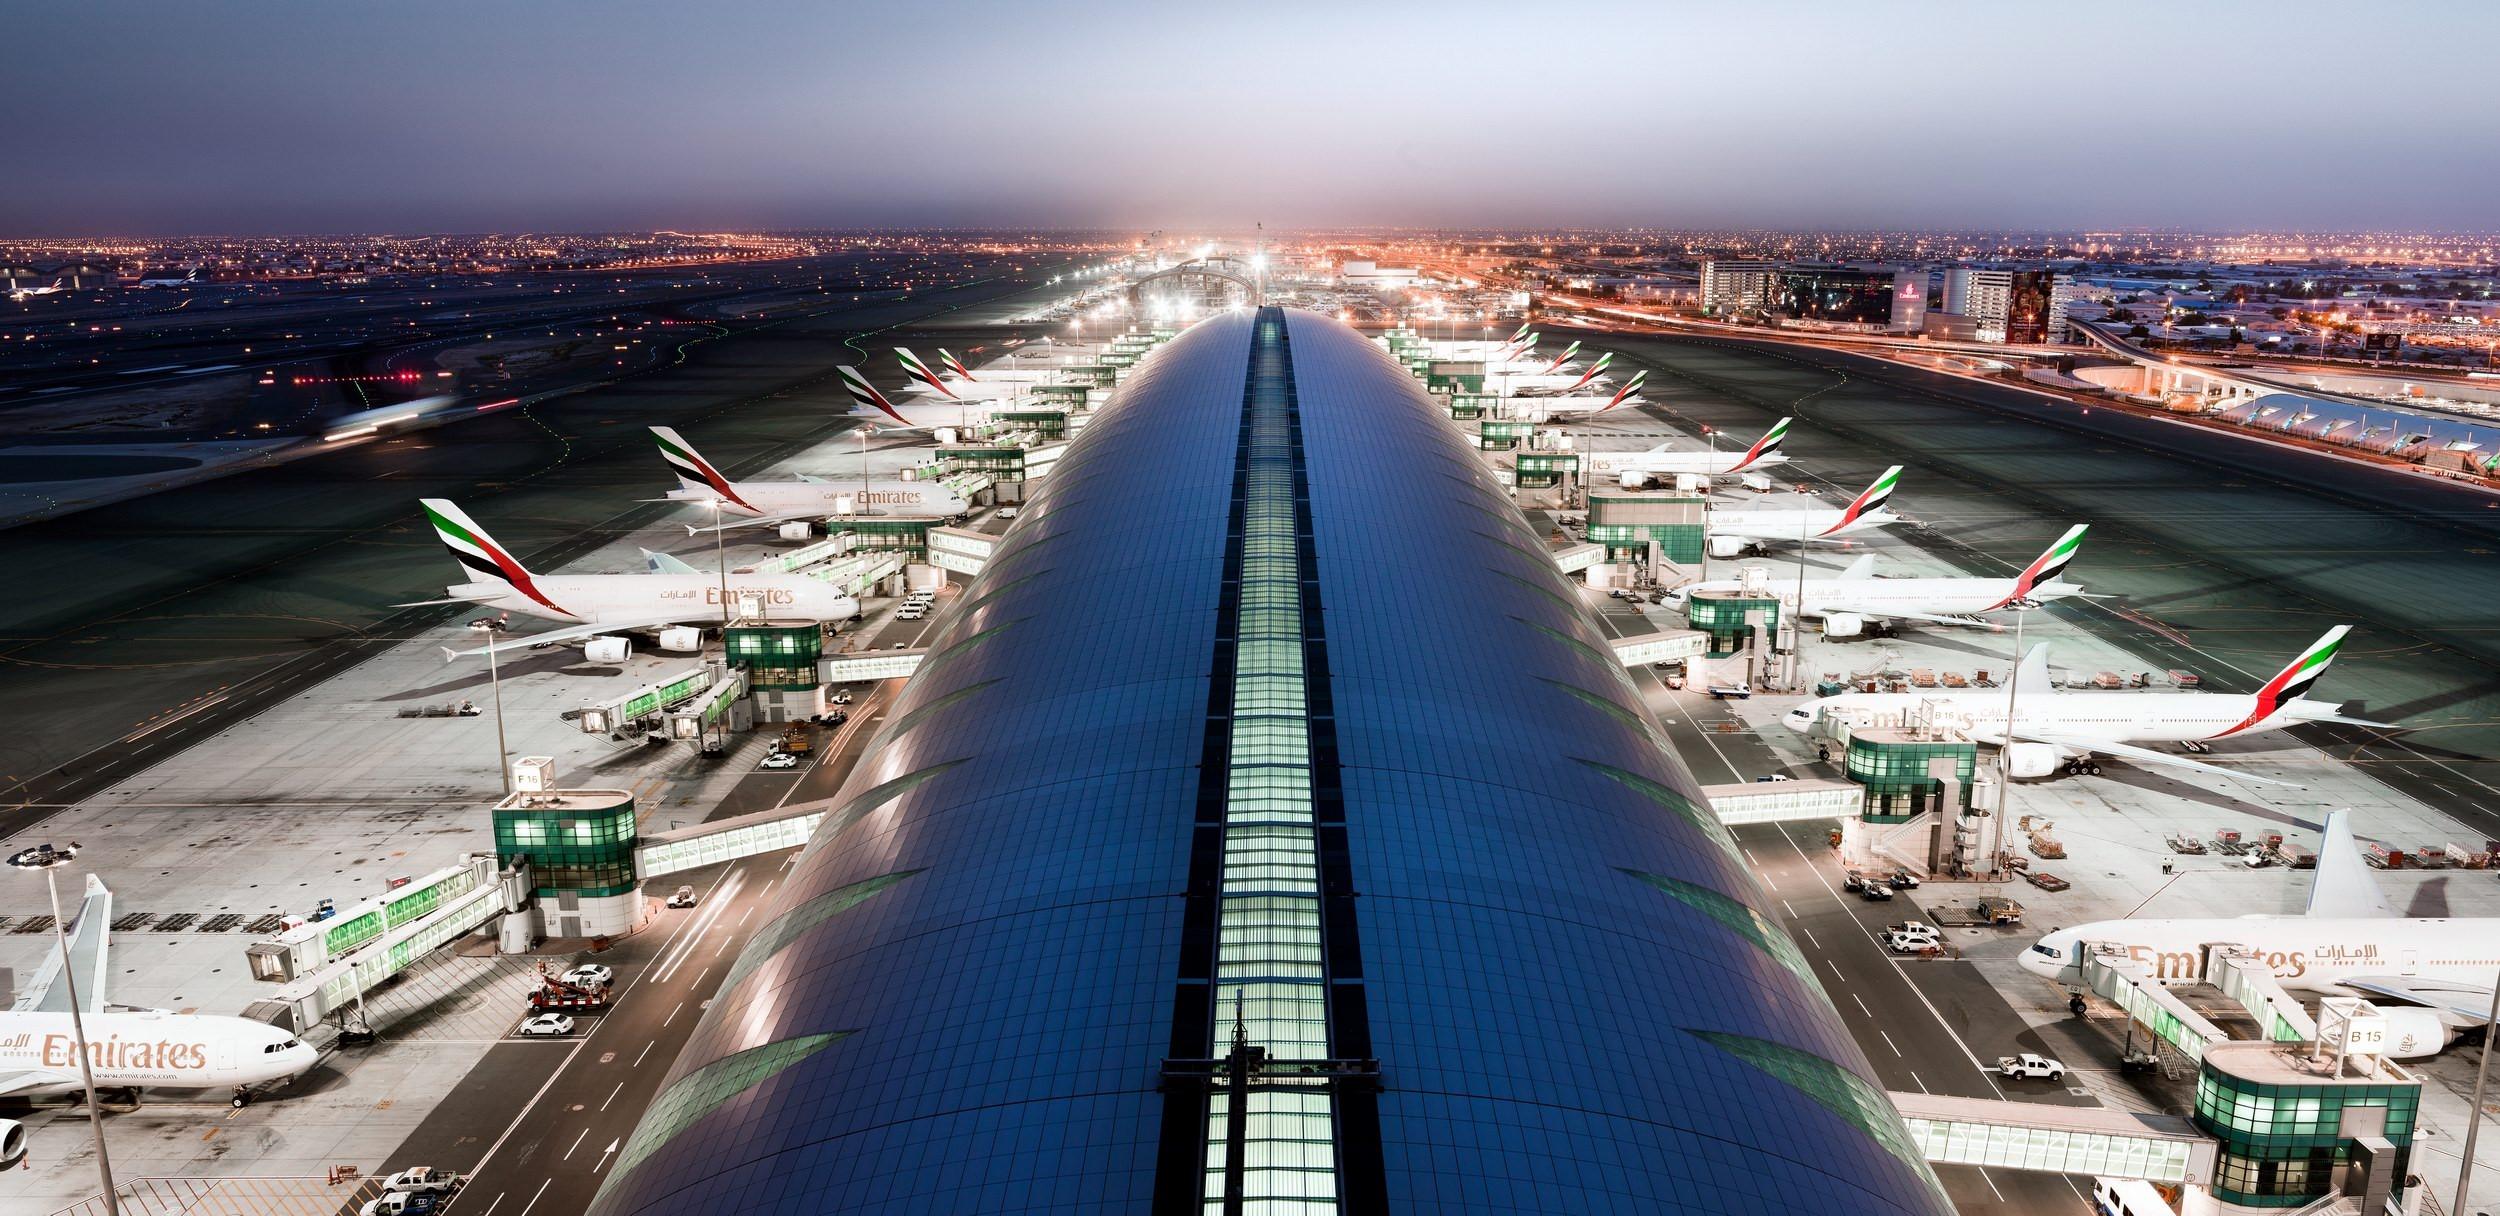 مطار دبي الدولي يحتفظ بلقب الأول عالميا فى العام 2019 بوصول حركة المرور السنوية إلى 86.4 مليونا